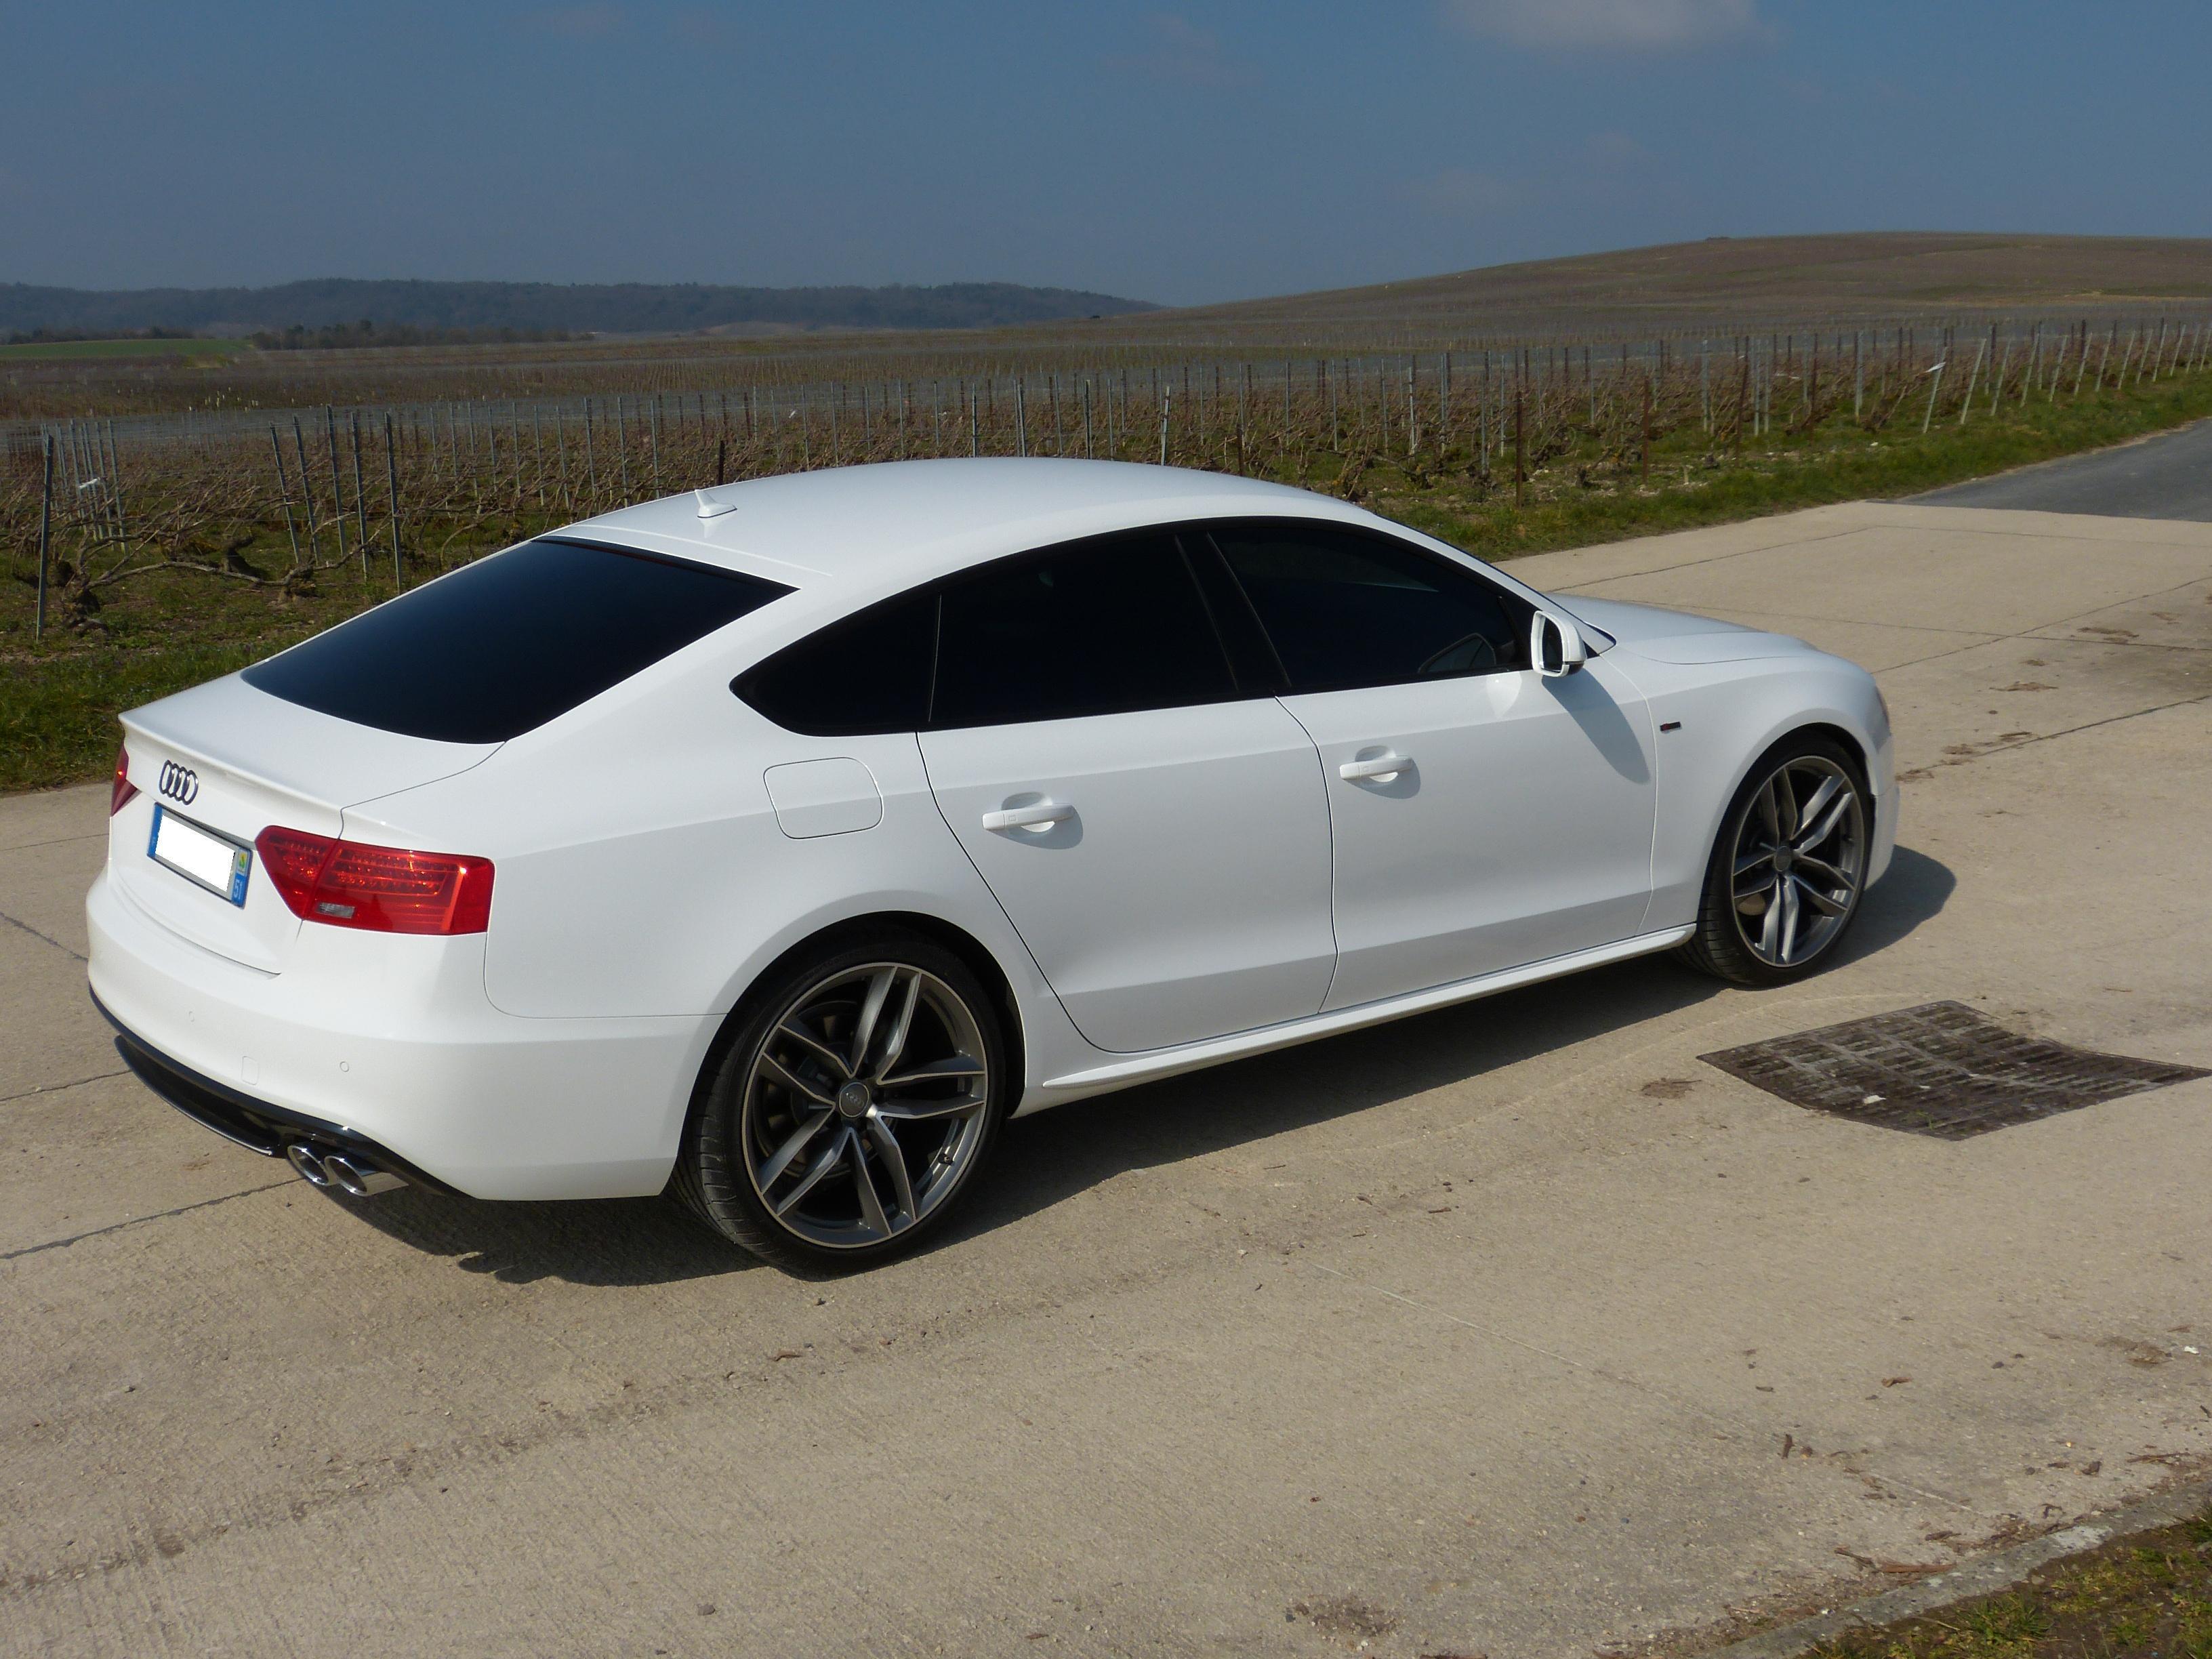 Audi A5 Blanche Jantes Noires Best Auto Galerie